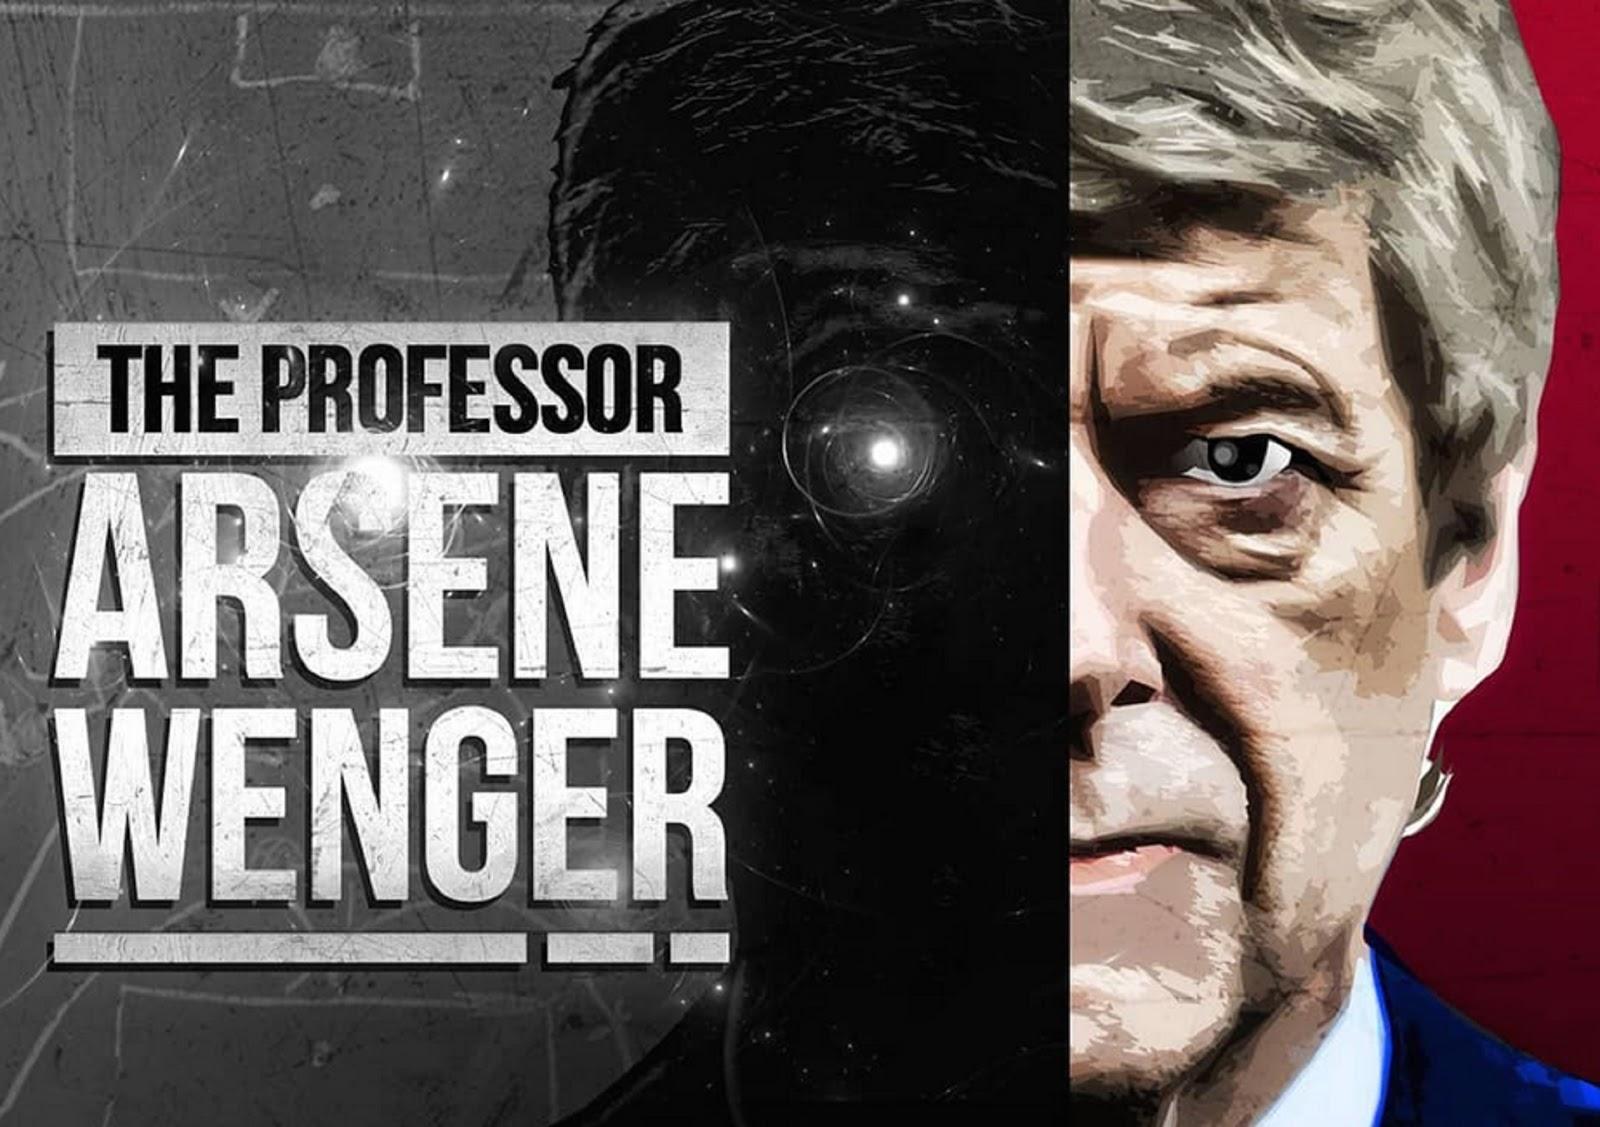 ARSENE WENGER 4